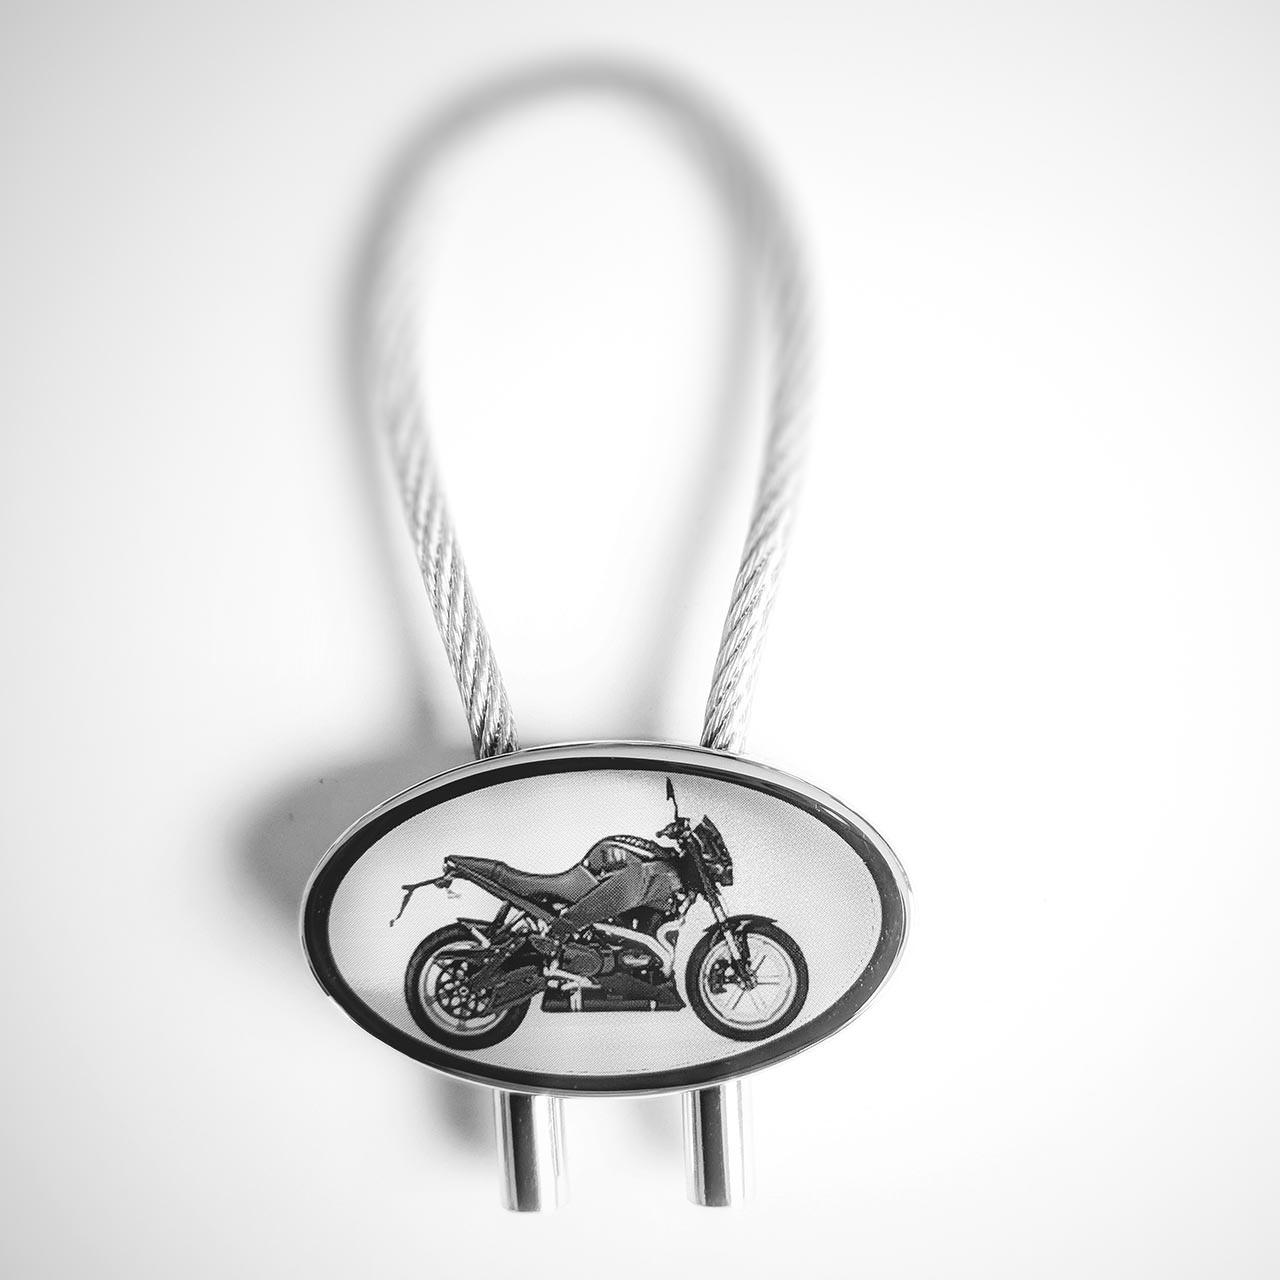 Motorrad Chopper Schl/üsselanh/änger silberfarben//schwarz Metall Moped Harley | Geschenk Chopper